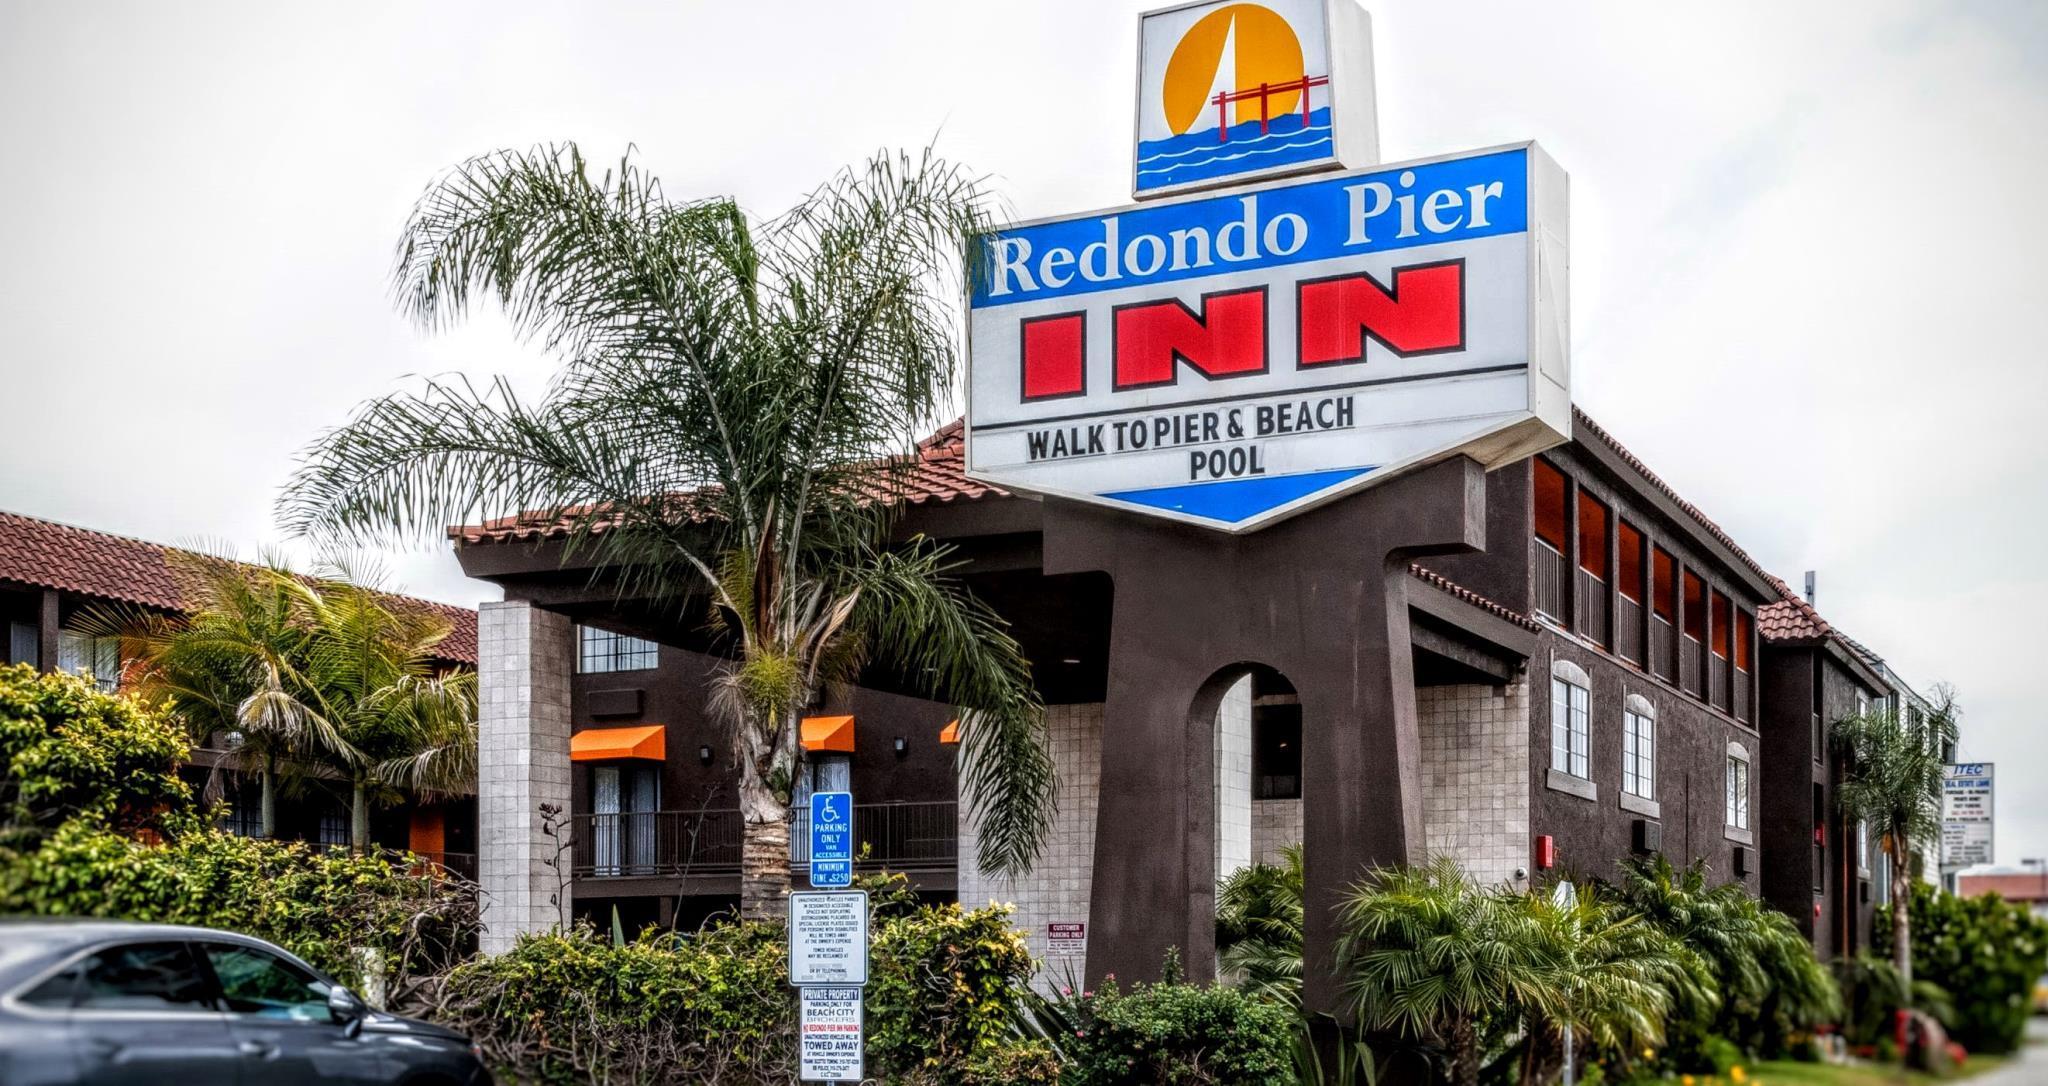 Redondo Pier Inn